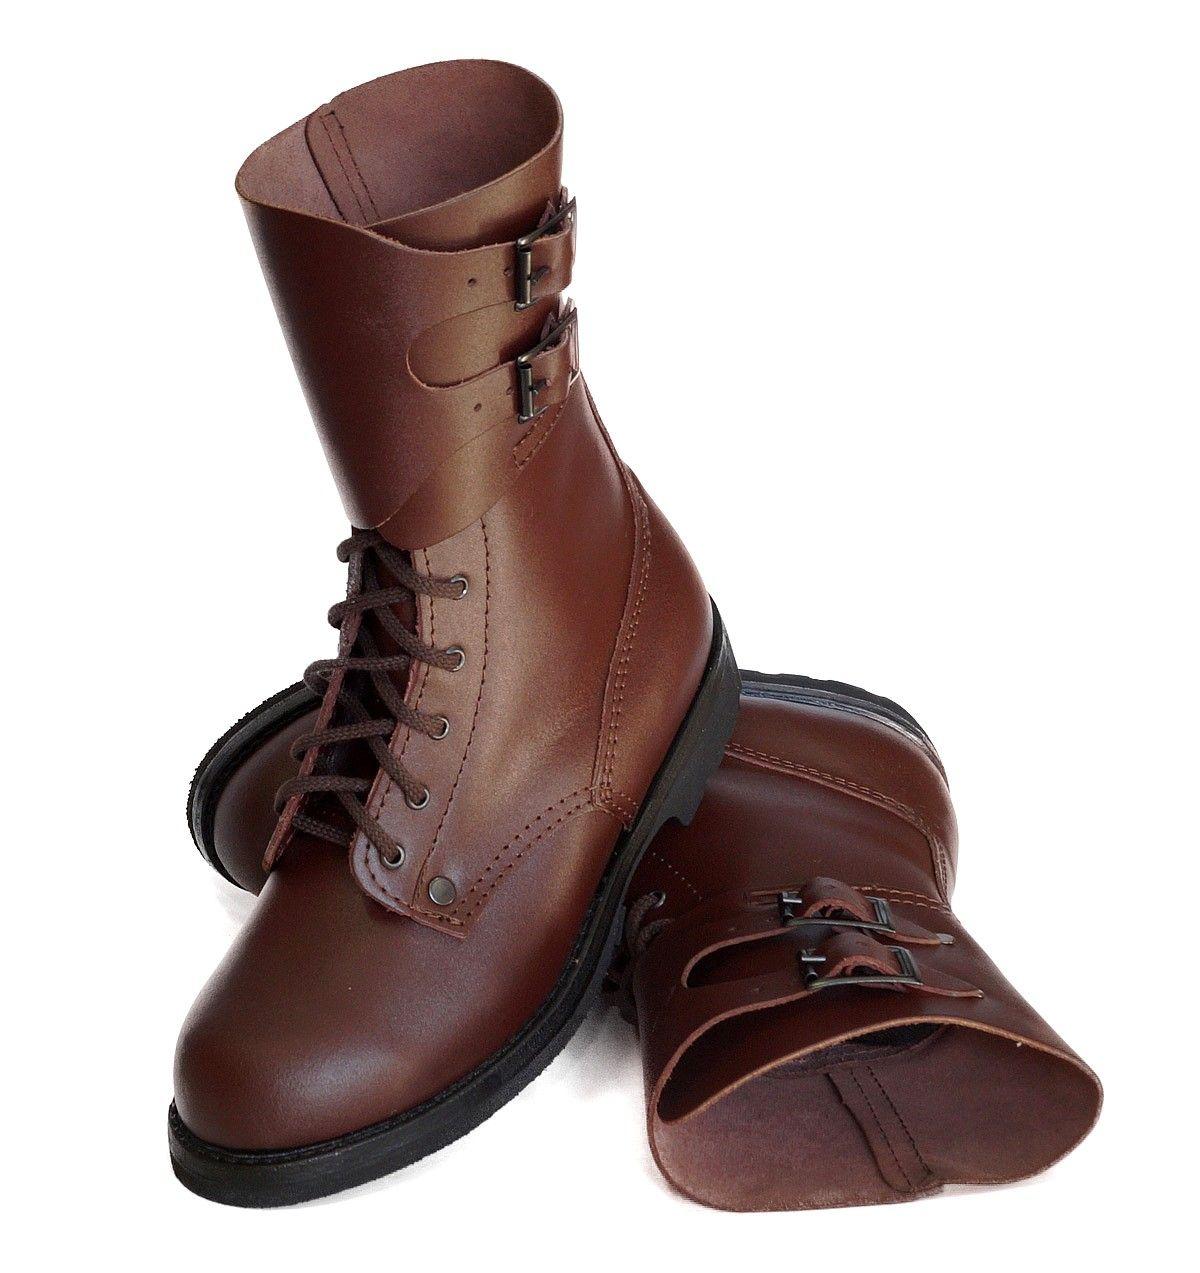 Brazowe Skorzane Buty Wojskowe Opinacze 29 Skora 4954710980 Oficjalne Archiwum Allegro Zapatos Botas